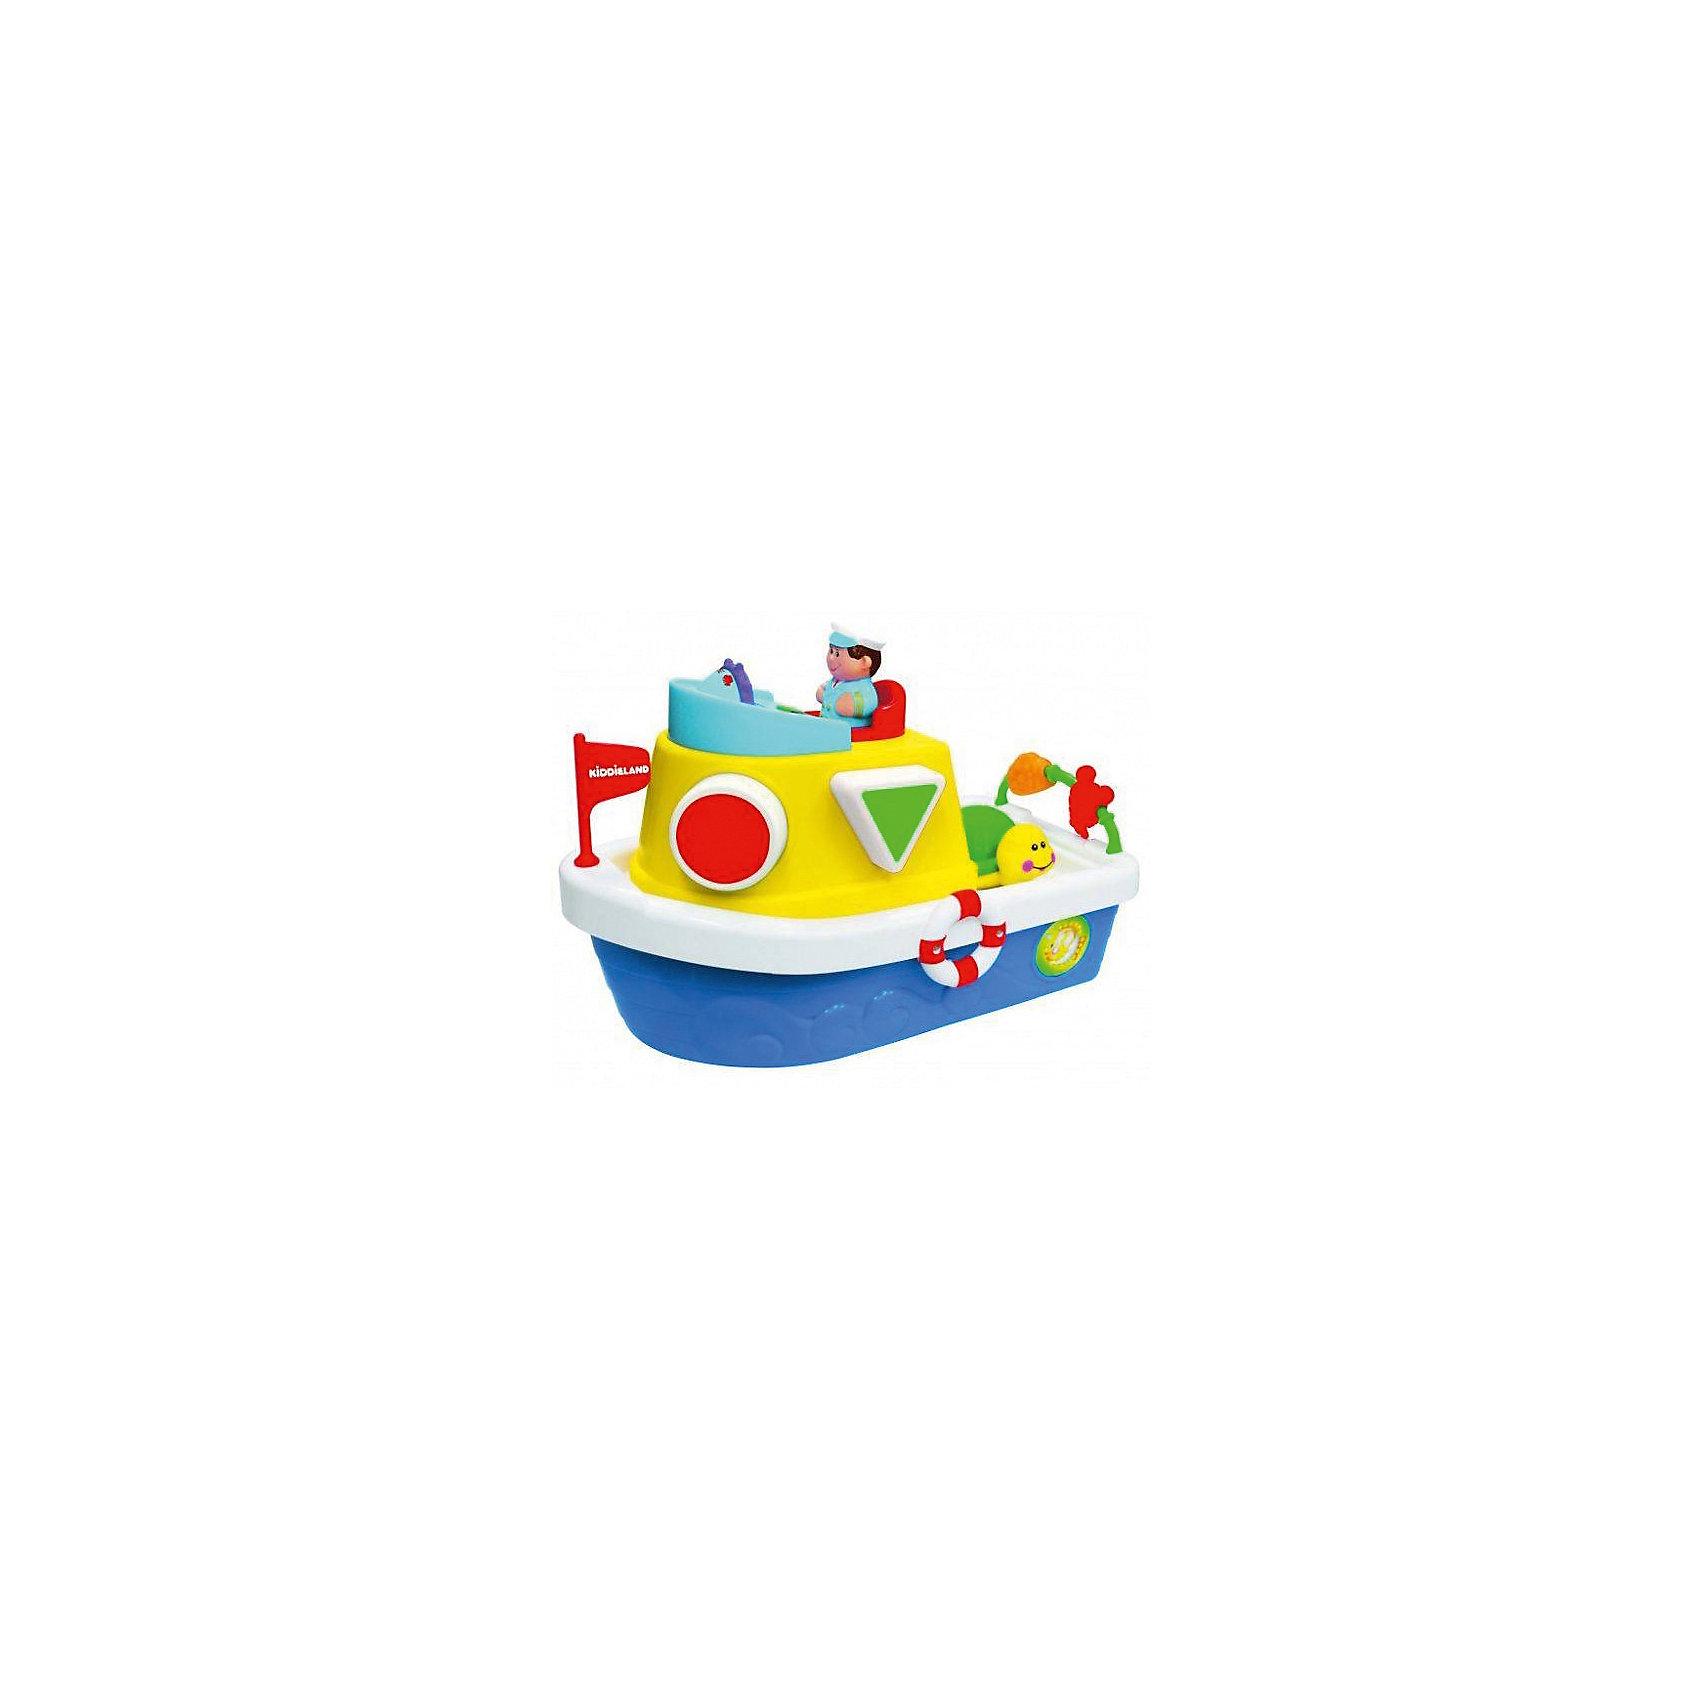 Сортер Мой первый корабль, KiddielandСортеры<br>Сортер Мой первый корабль, Kiddieland<br><br>Характеристики:<br>- Материал: пластик<br>- В комплект входит: 1 каталка, элементы питания<br>- Размер: 18 * 15 * 26 см. <br>- Элементы питания: батарейки АА, 2 шт.<br>Яркая каталка - сортер произведена известным китайским брендом игрушек для детей Kiddieland (Киддилэнд) и станет прекрасным подарком для малыша. Развивающая каталка со смелым капитаном и морскими животными поможет выучить цвета и фигуры. Большой корабль берет на борт треугольник, круг, квадрат и звездочку. Кораблик поет песенки и рассказывает дюжину стишков. Кораблик легко возить по поверхности благодаря колесикам внизу. Изготовленная из качественного пластика, каталка способствует развитию логики, координации движения, восприятия цвета и звука, воображения, моторики рук. <br>Сортер Мой первый корабль, Kiddieland можно купить в нашем интернет-магазине.<br>Подробнее:<br>• Для детей в возрасте: от 12 месяцев до 3 лет <br>• Номер товара: 5054076<br>Страна производитель: Китай<br><br>Ширина мм: 320<br>Глубина мм: 210<br>Высота мм: 190<br>Вес г: 1400<br>Возраст от месяцев: 12<br>Возраст до месяцев: 36<br>Пол: Унисекс<br>Возраст: Детский<br>SKU: 5054076